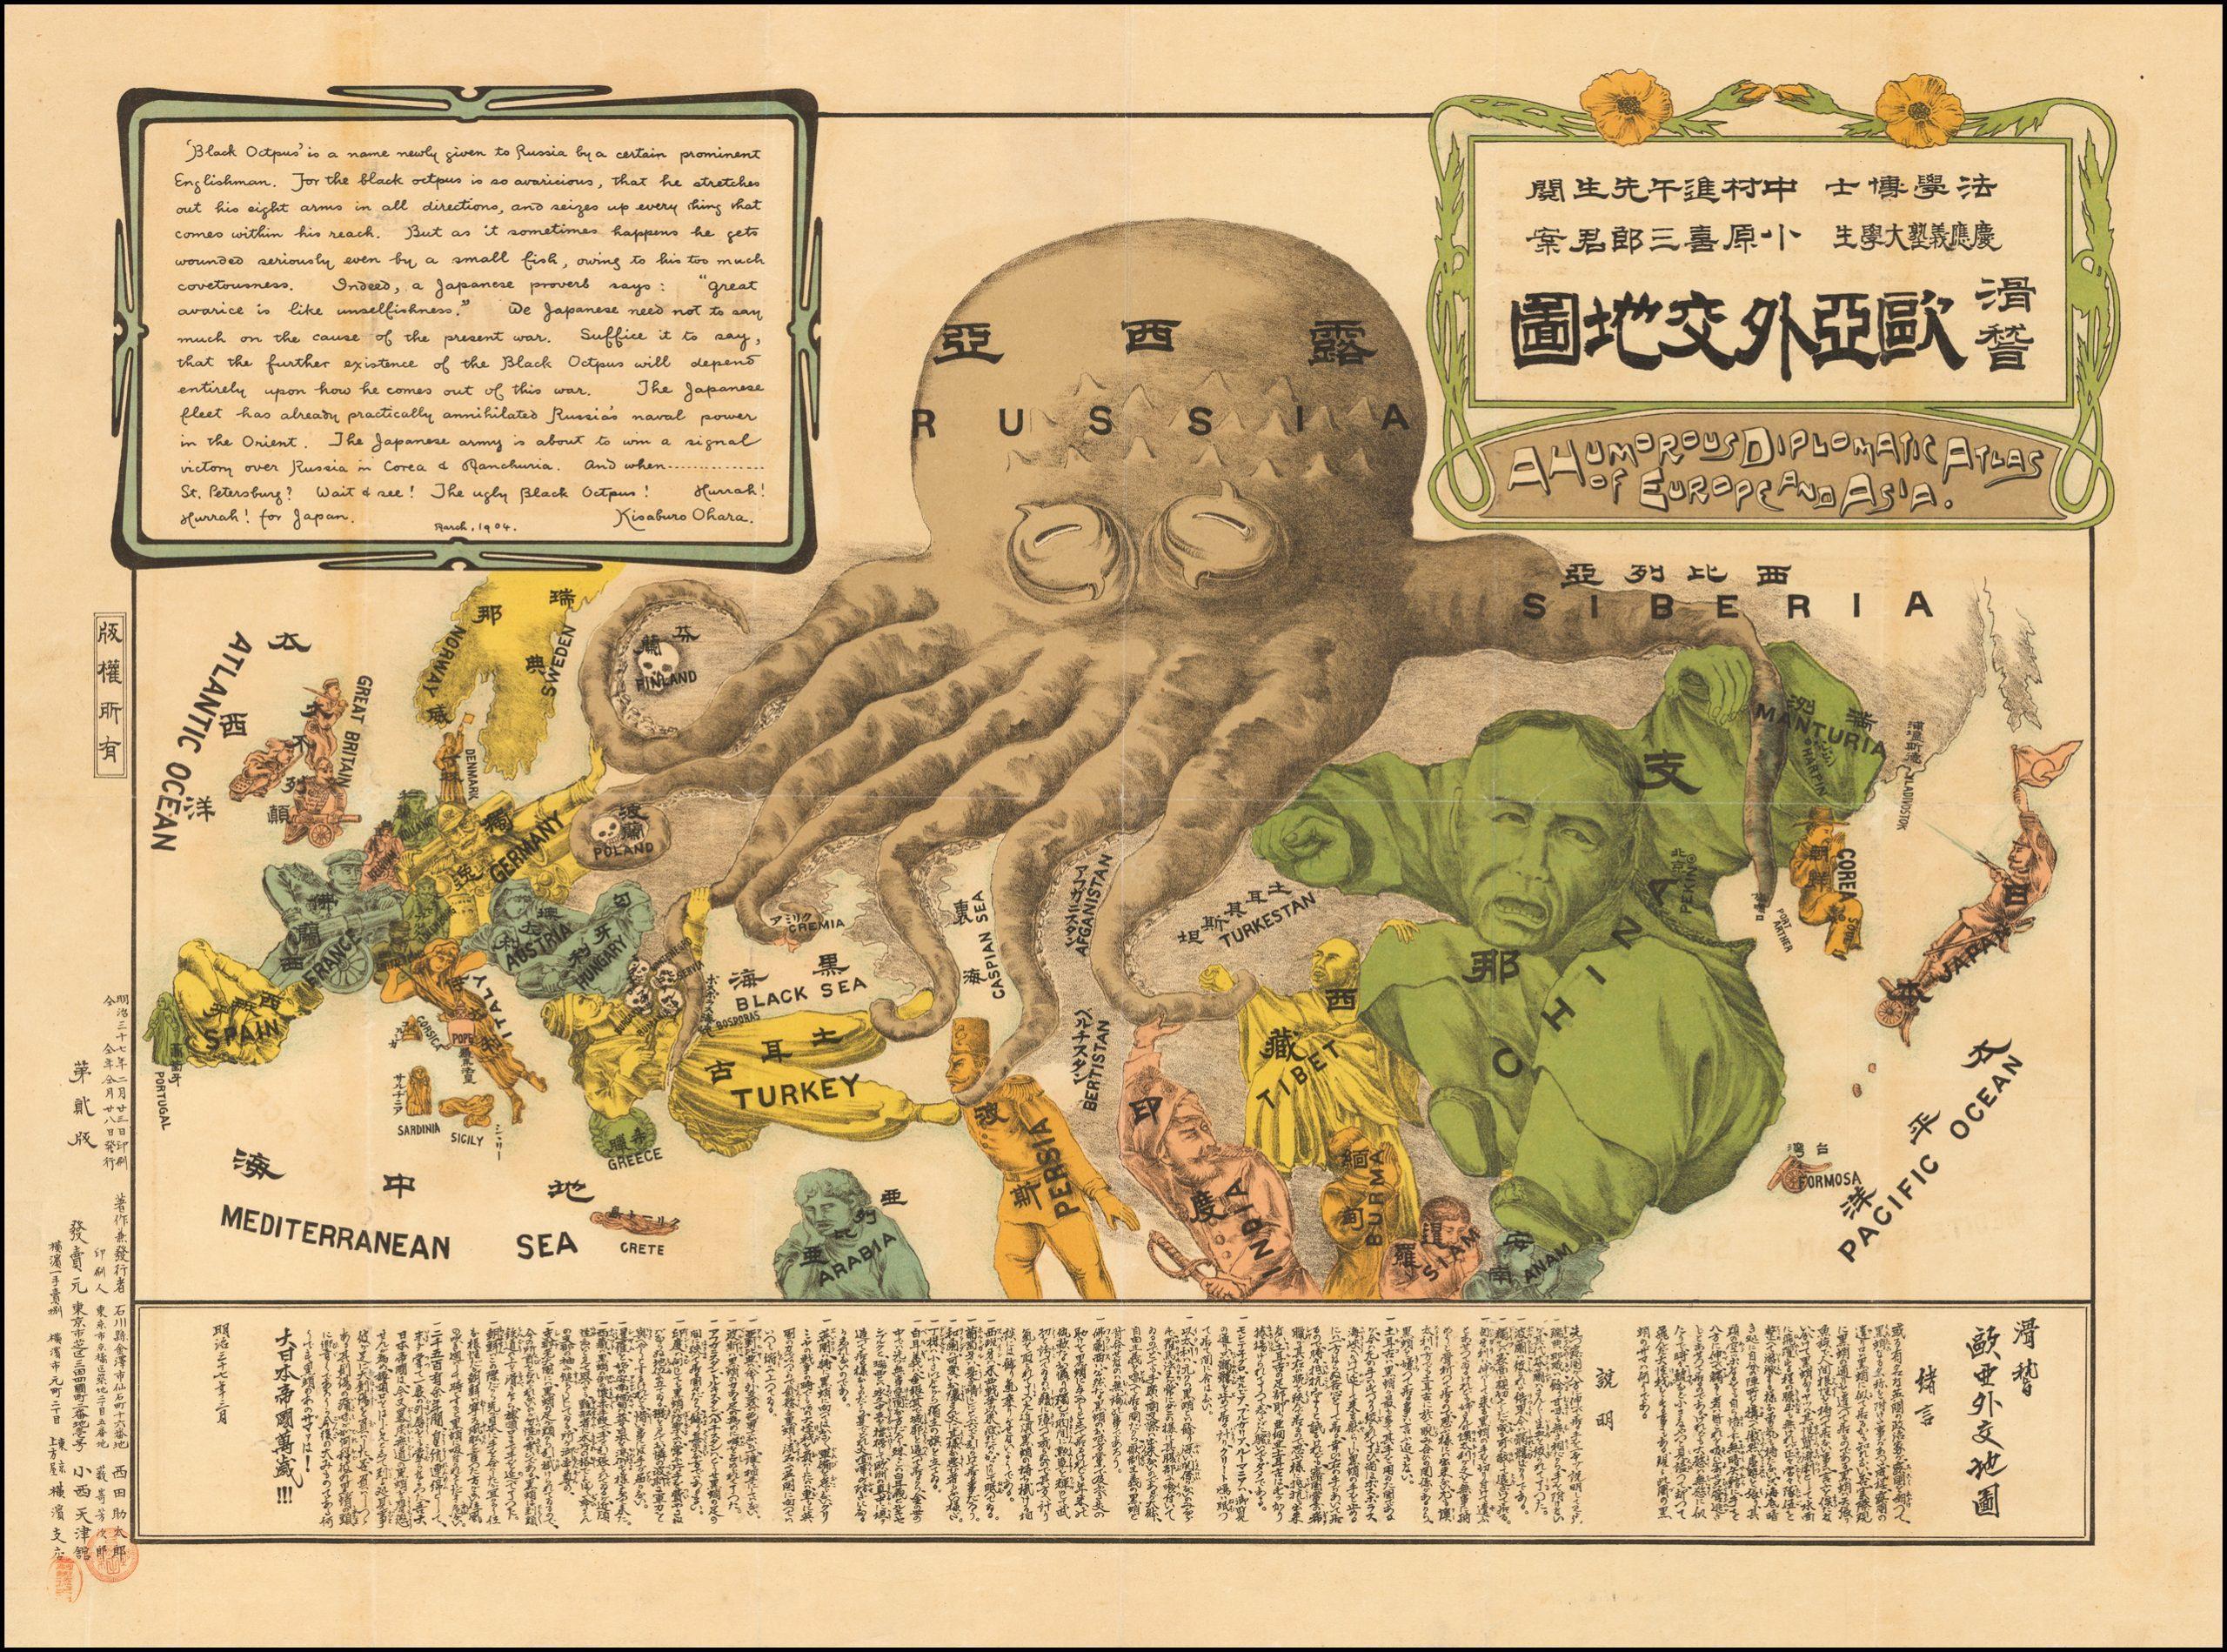 Поразительная японская сатирическая карта Европы начала ХХ века Кисабуро Охара